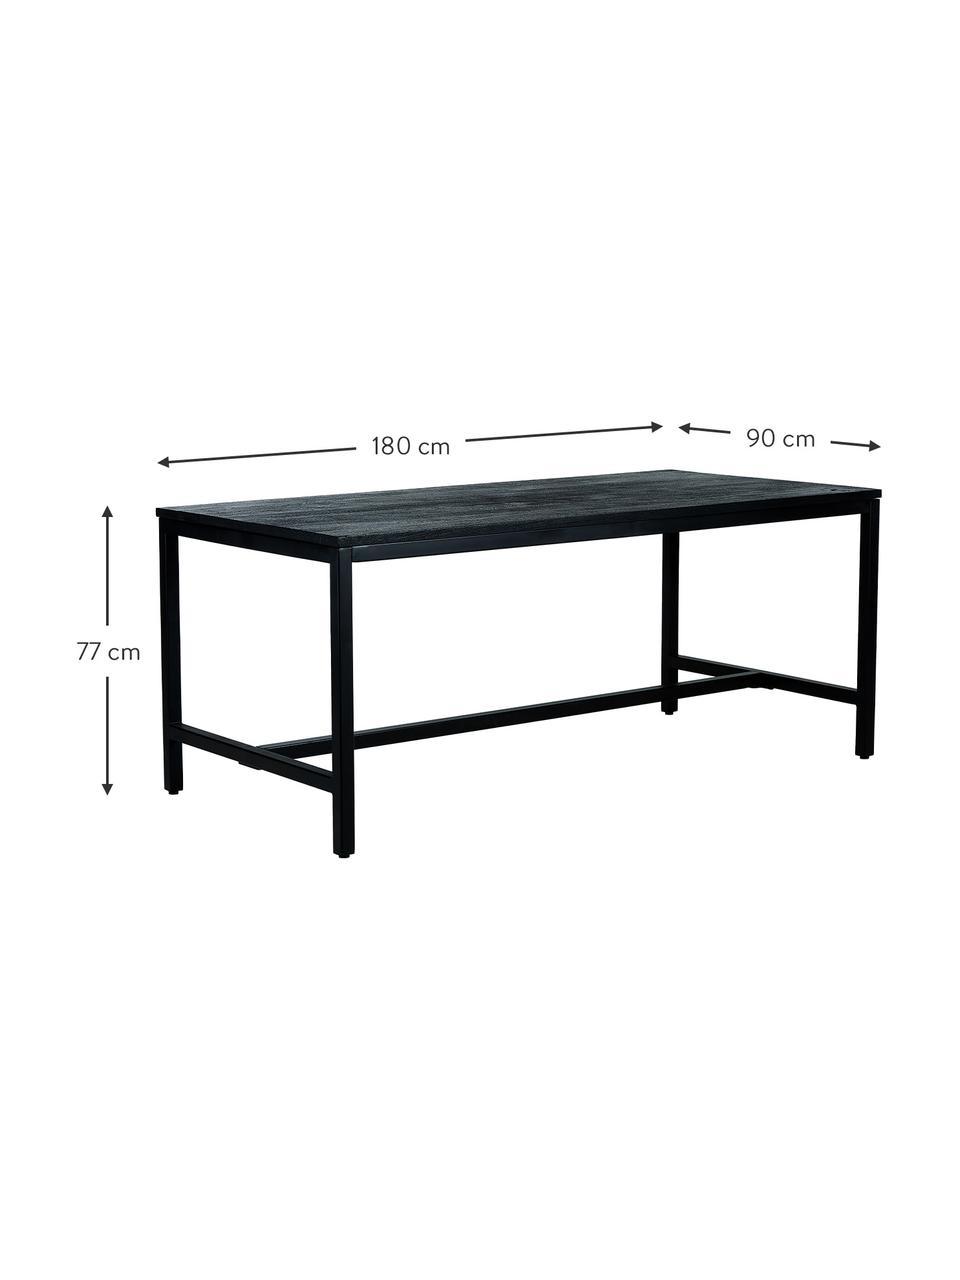 Esstisch Raw mit Mangoholz, 180 x 90 cm, Tischplatte: Massives Mangoholz, gebür, Gestell: Metall, pulverbeschichtet, Mangoholz, schwarz lackiert, B 180 x T 90 cm